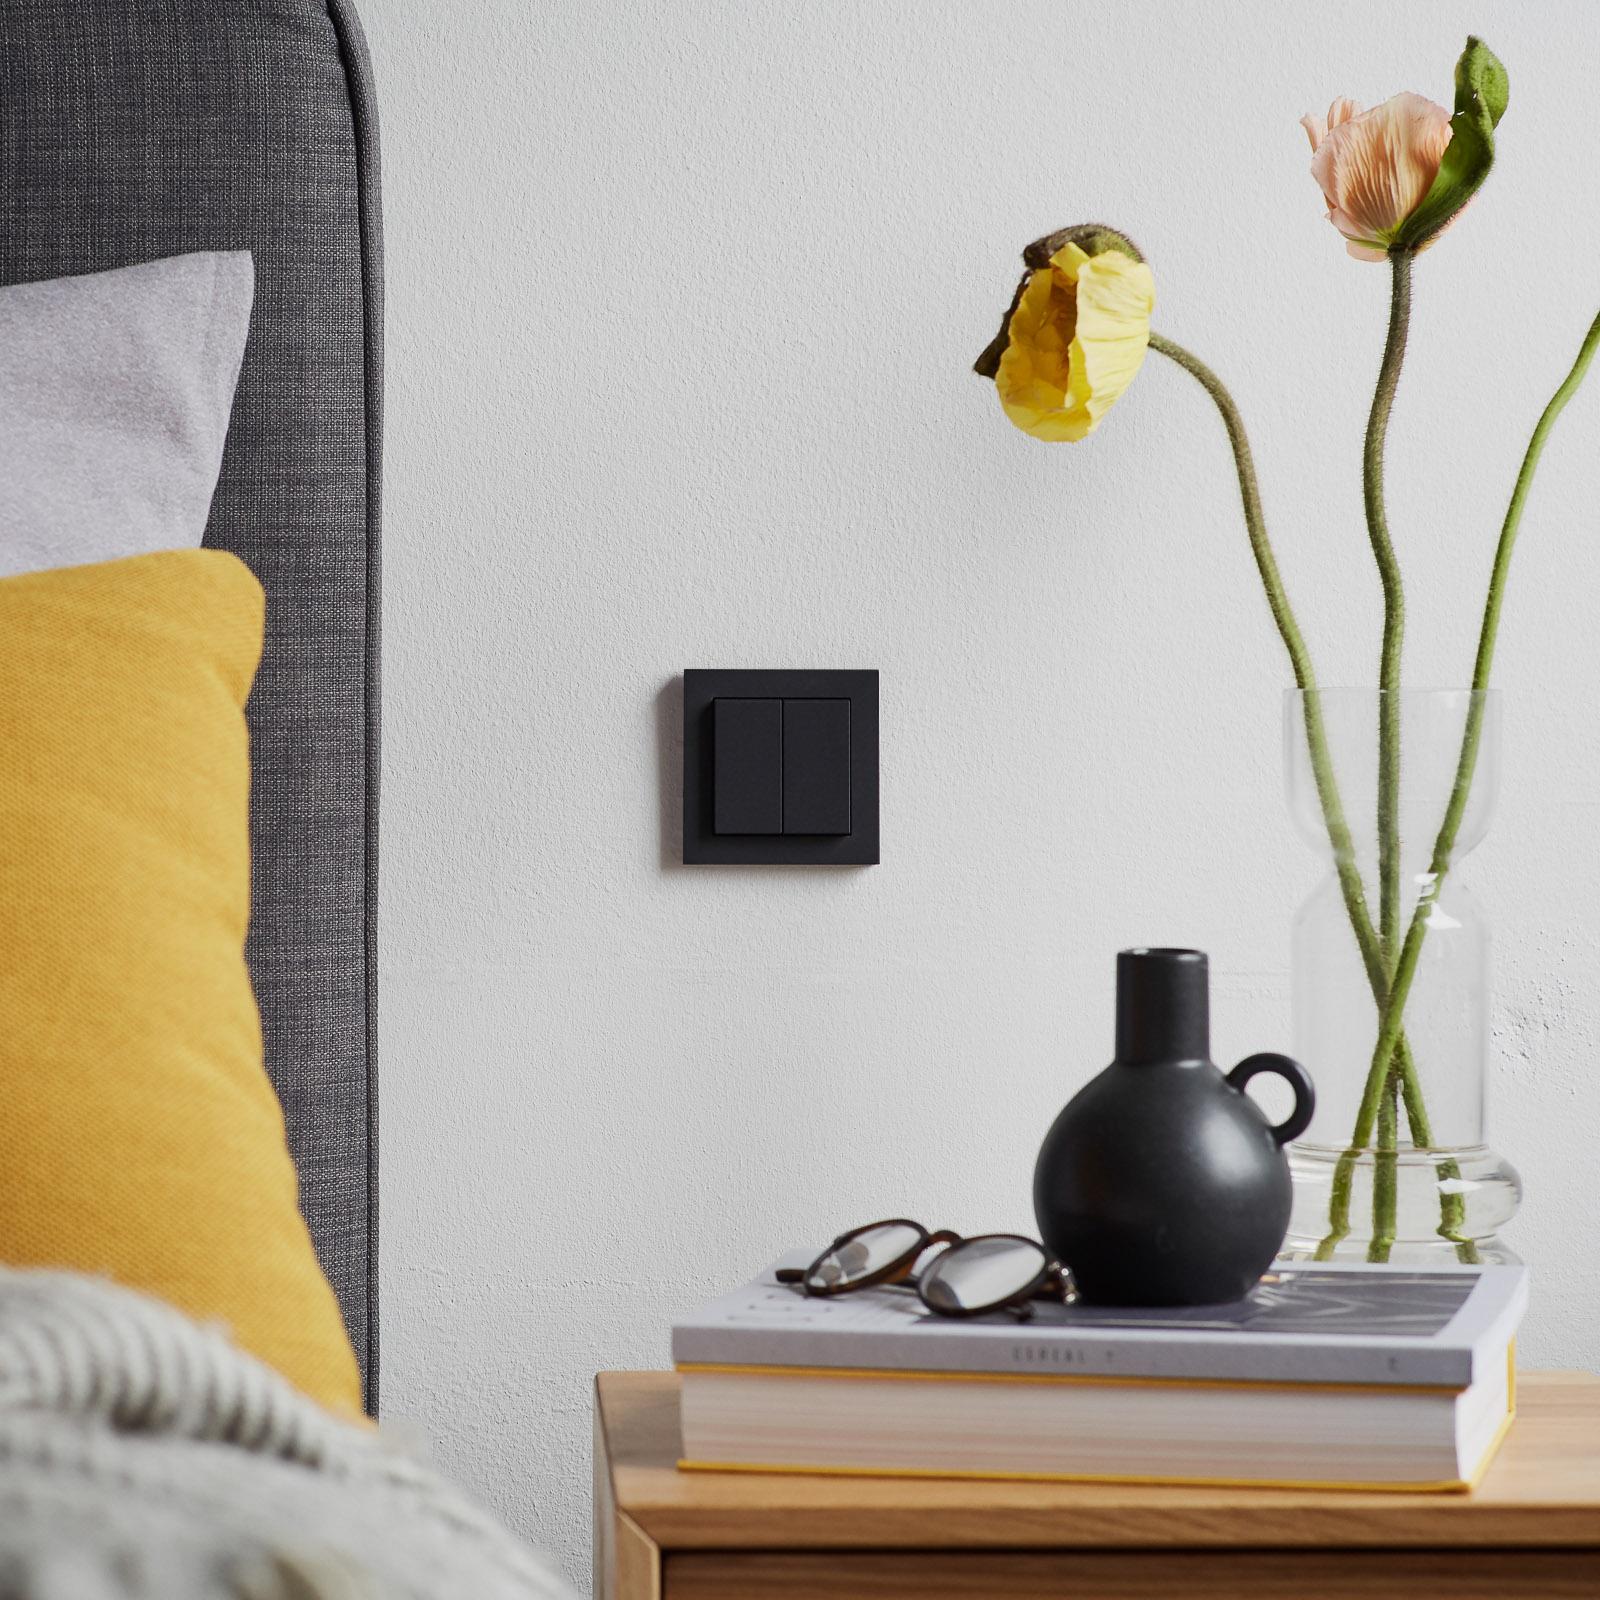 Senic Smart Switch Philips Hue, 1-er, schwarz matt